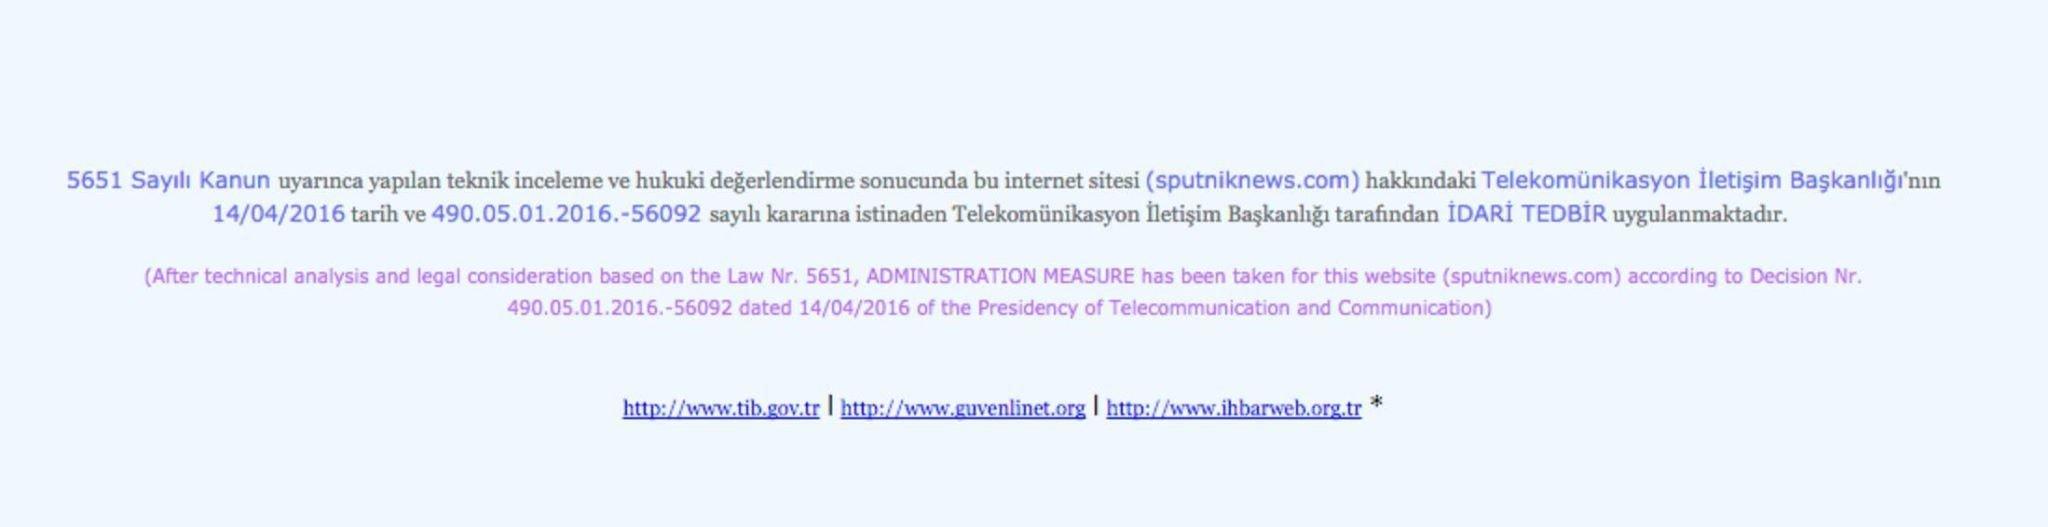 Webové stránky Sputniku jsou zablokovány v Turecku